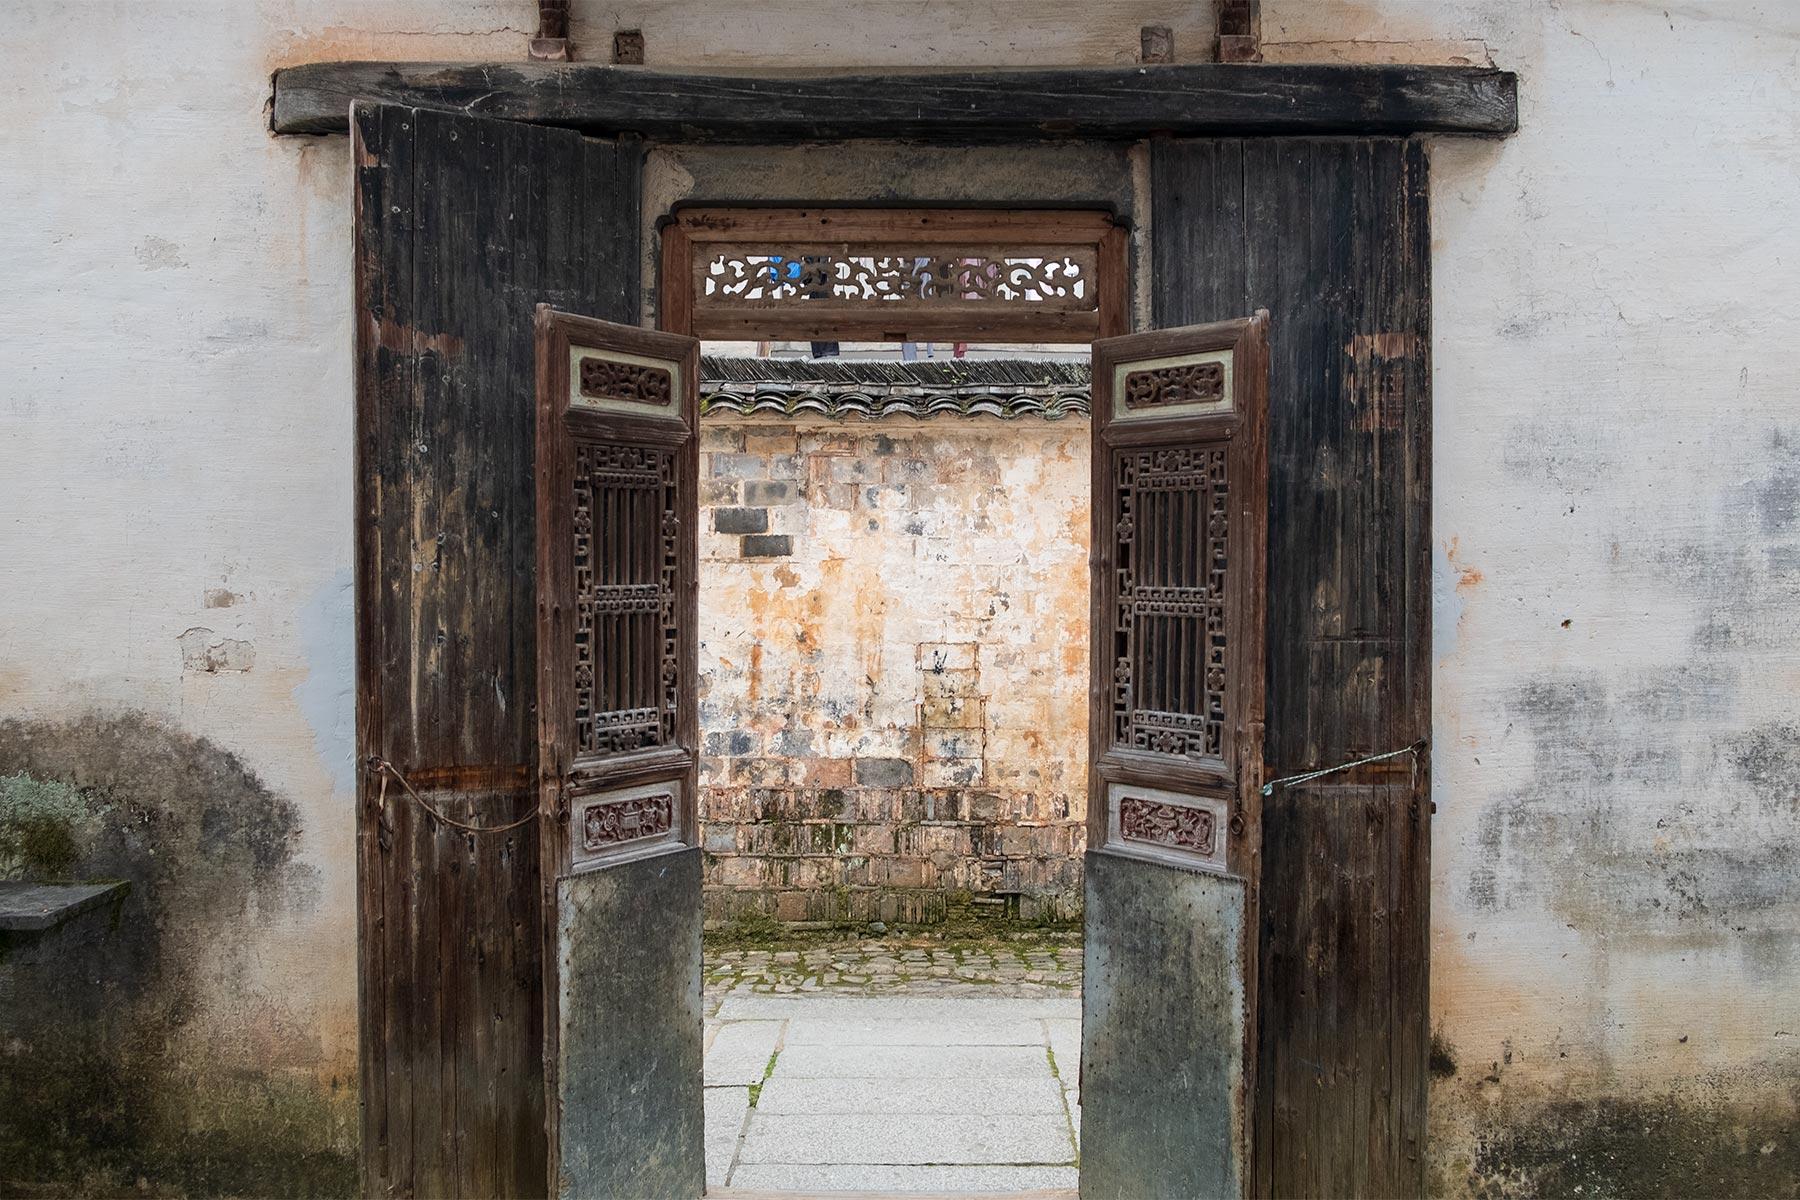 Alte Tür in der historischen Altstadt Nanping in Anhui, China